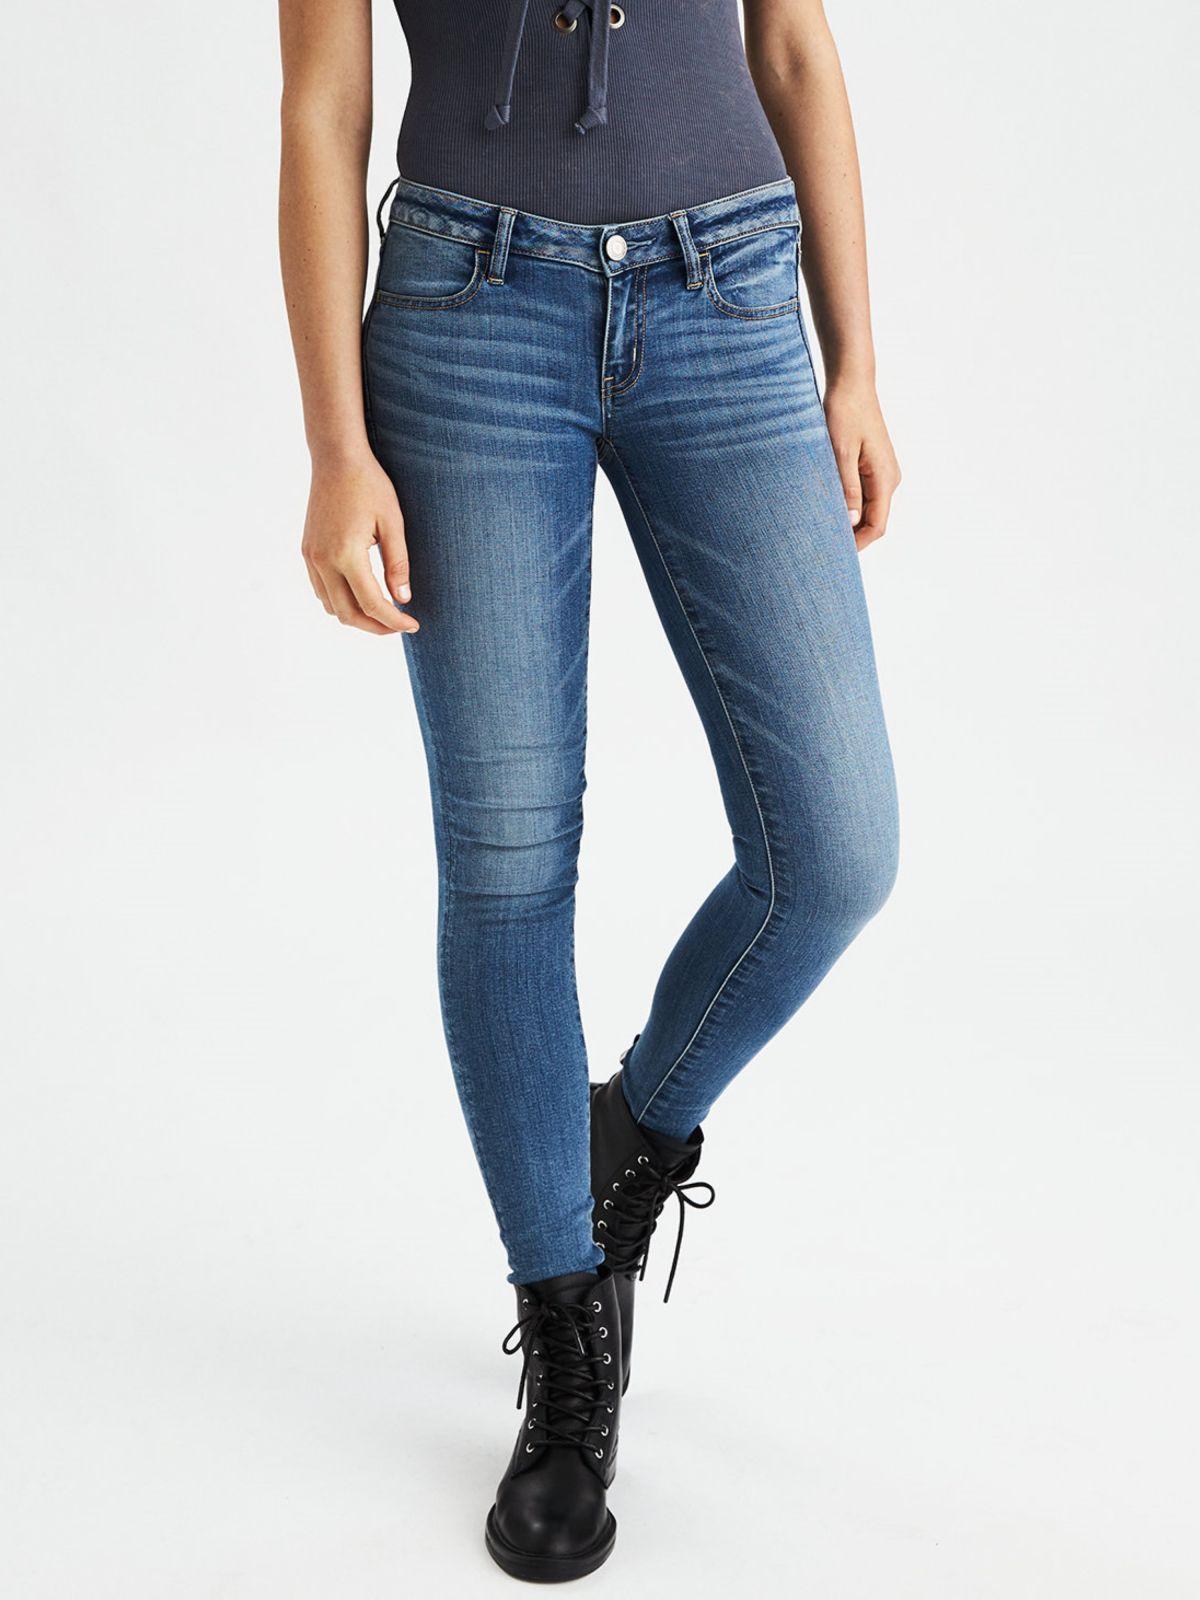 ג'ינס סקיני Super Stretchג'ינס סקיני Super Stretch של AMERICAN EAGLE